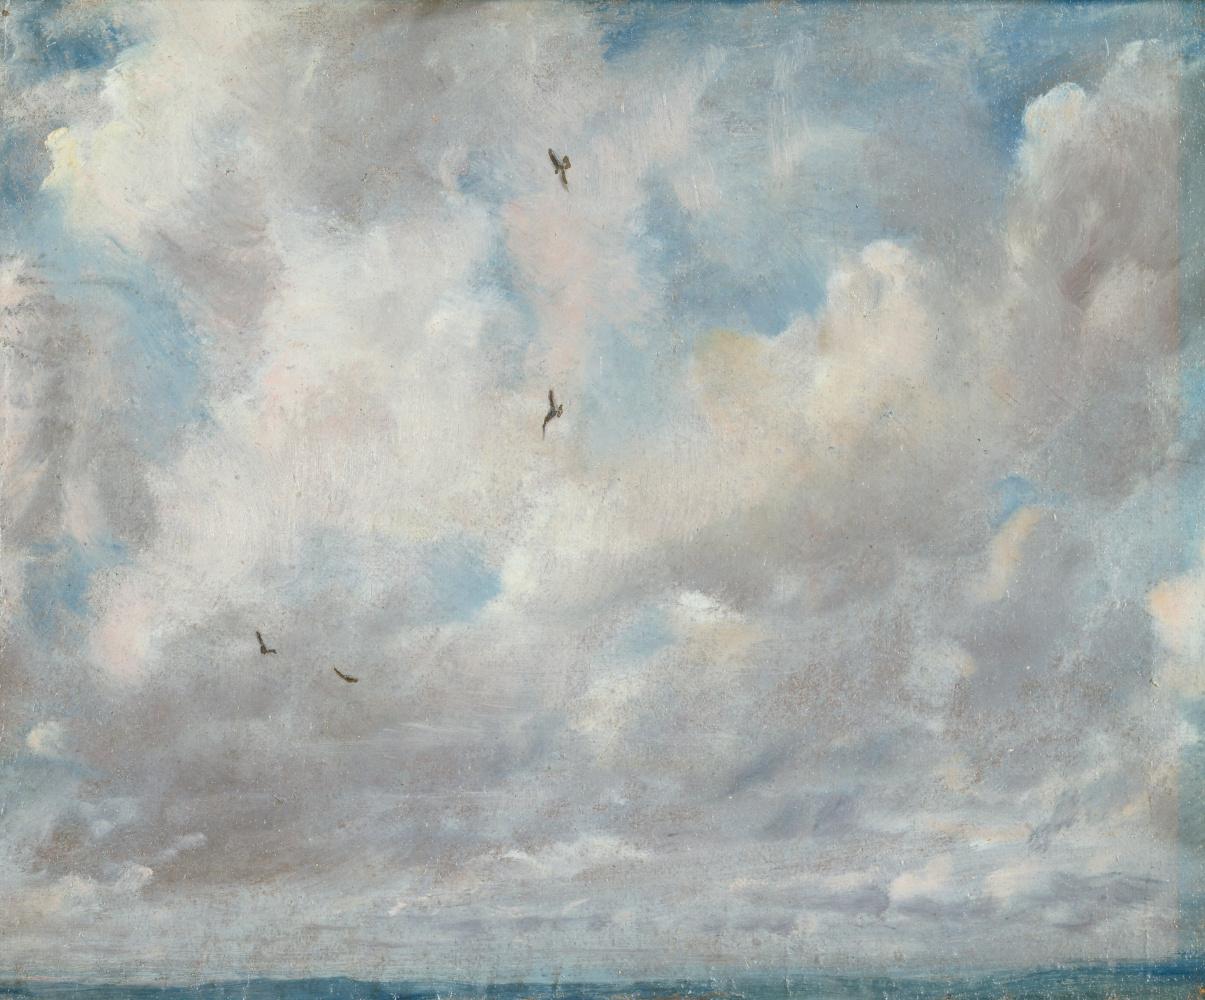 Джон Констебл. Облака и птицы. Этюд